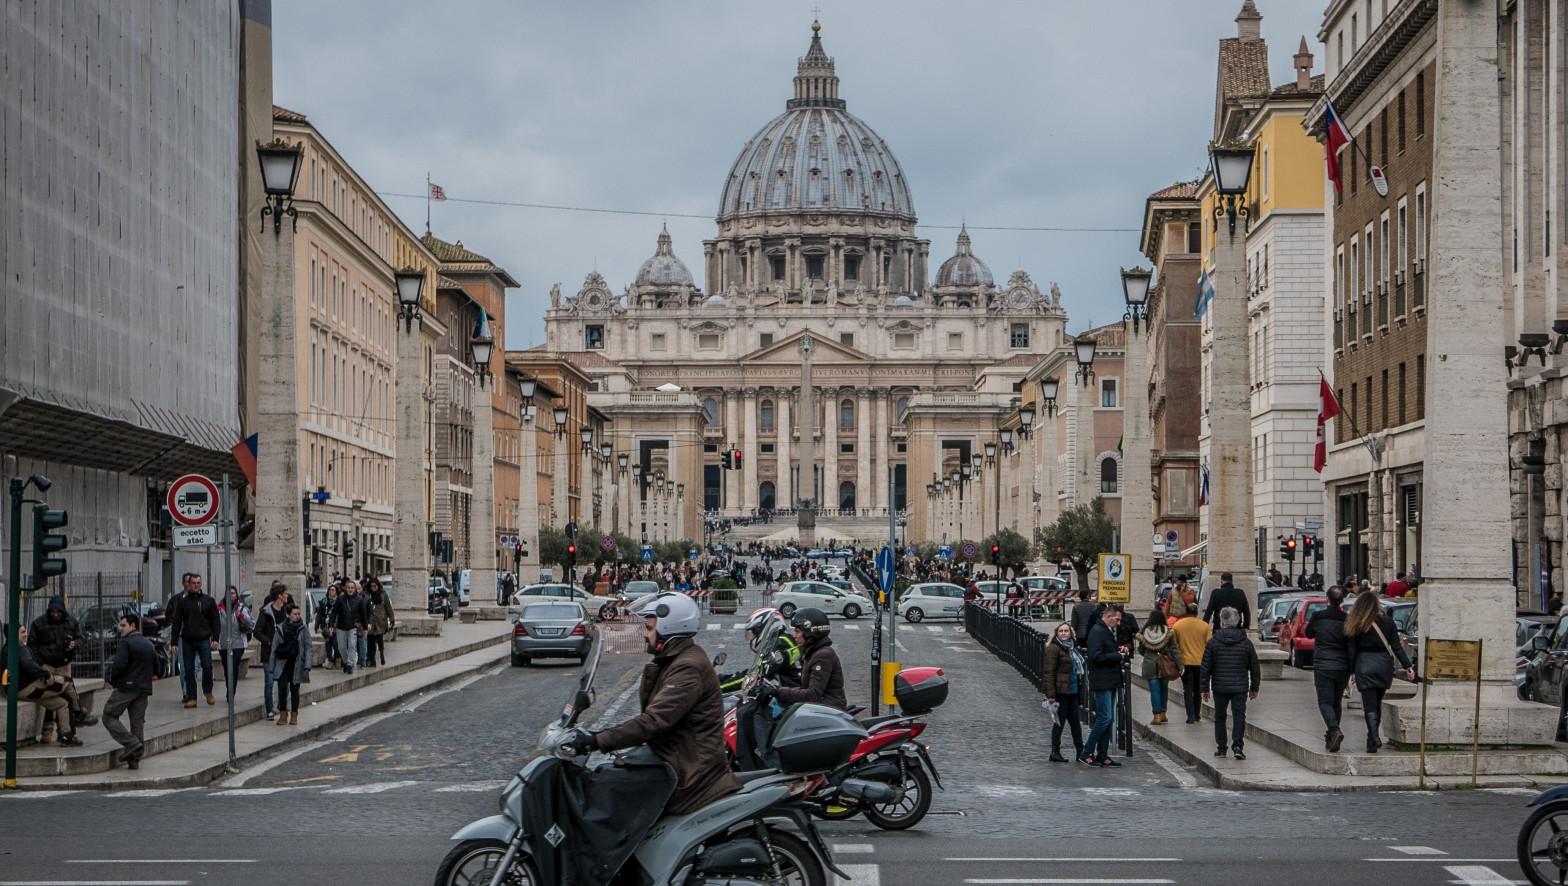 El Vaticano perdió 48 millones de euros en ingresos en 2020 por la pandemia